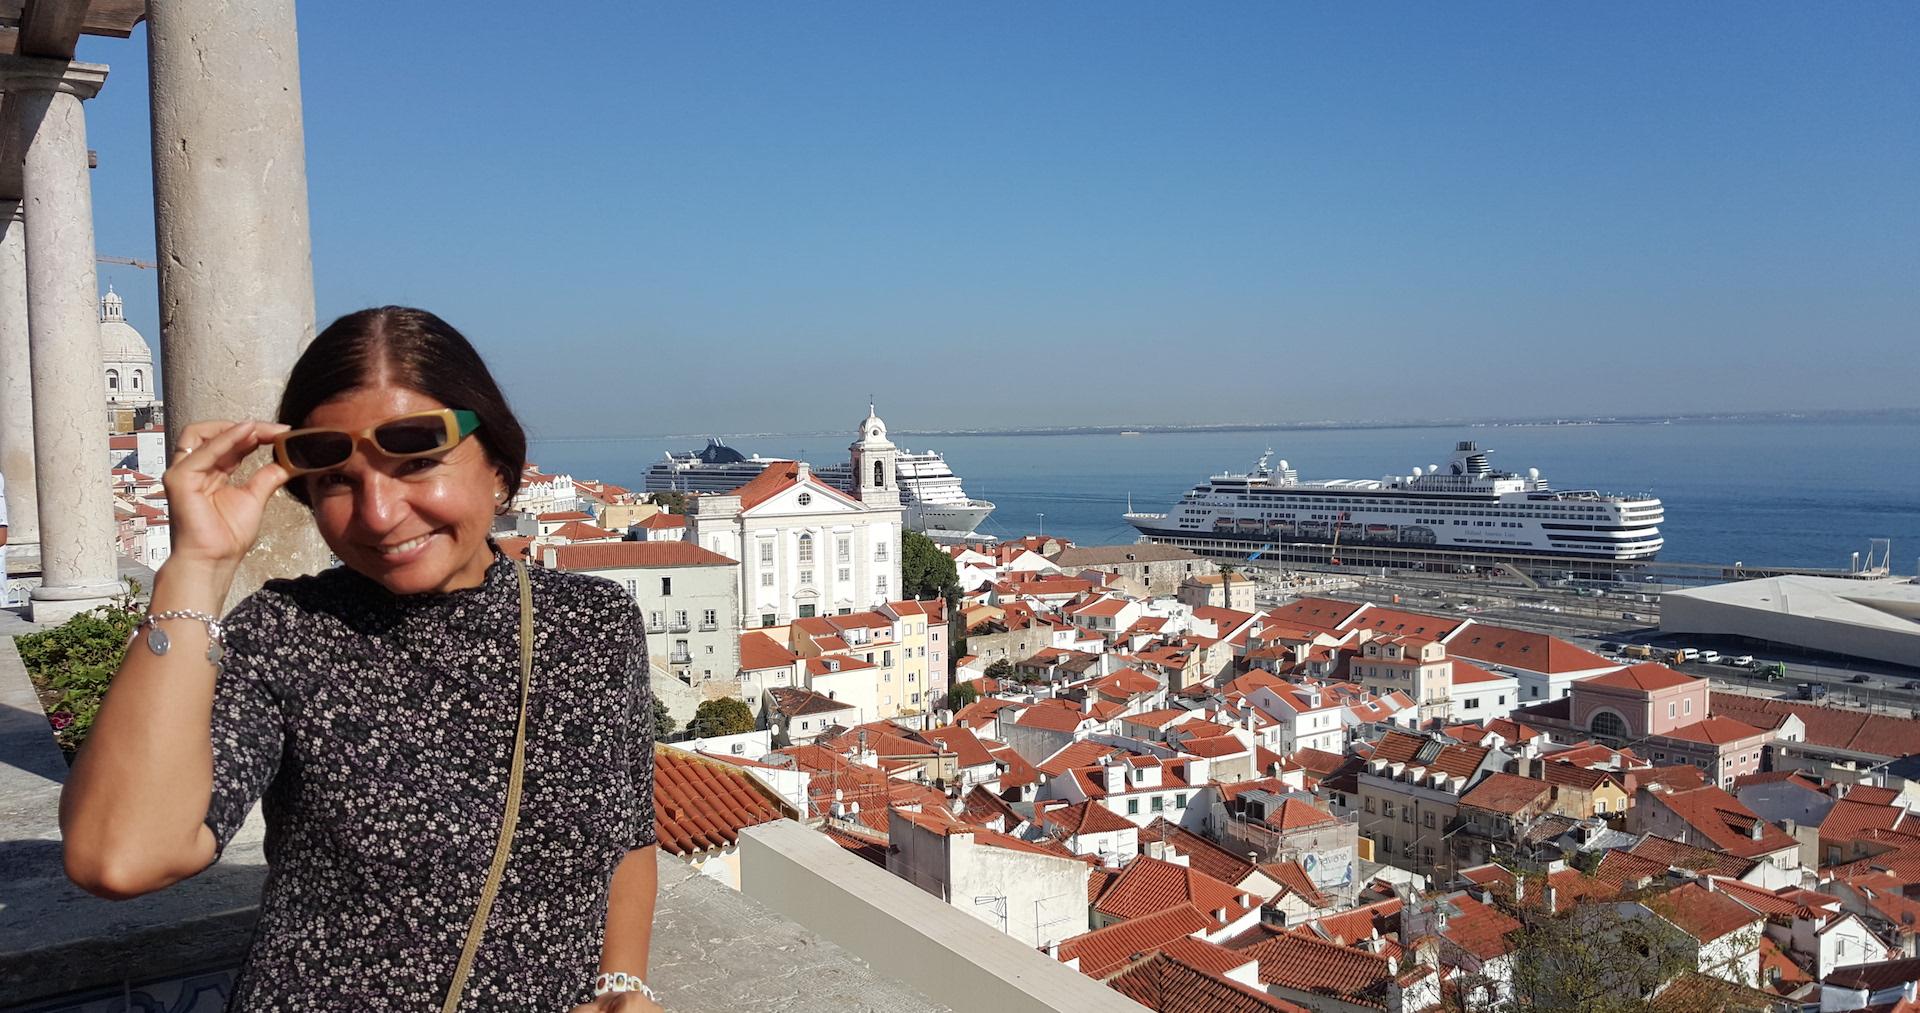 El mirador de Santa Lucía te ofrece una de las vistas más bonitas de todo Lisboa (Fotografía de la autora, Esiral21).